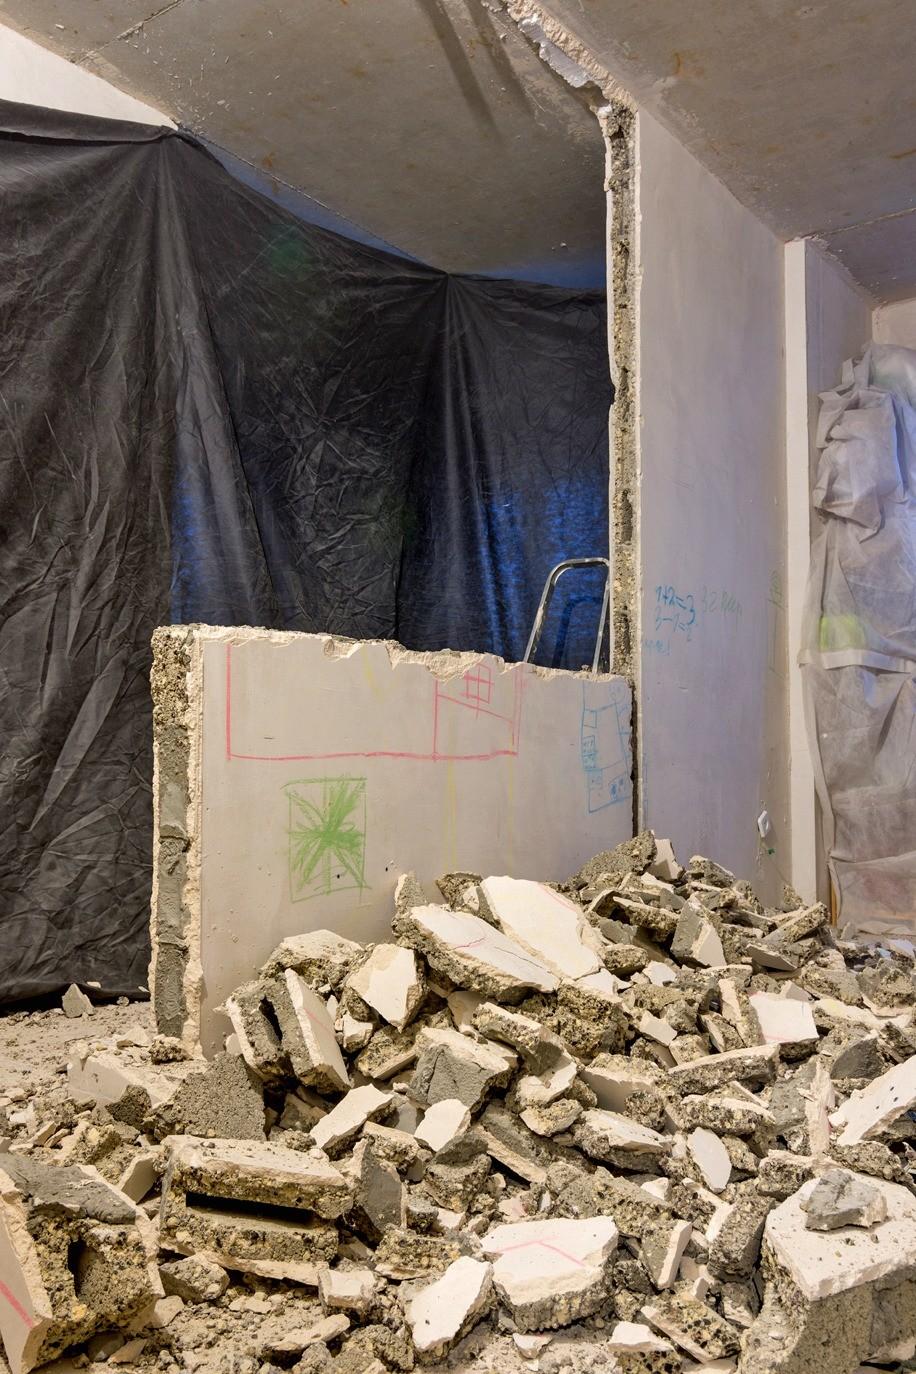 Утилизация крупногабаритного мусора должна производиться засчёт физического лица. Выброс строительных отходов в обычные баки запрещён. Заранее закажите контейнер вспециализированной фи...